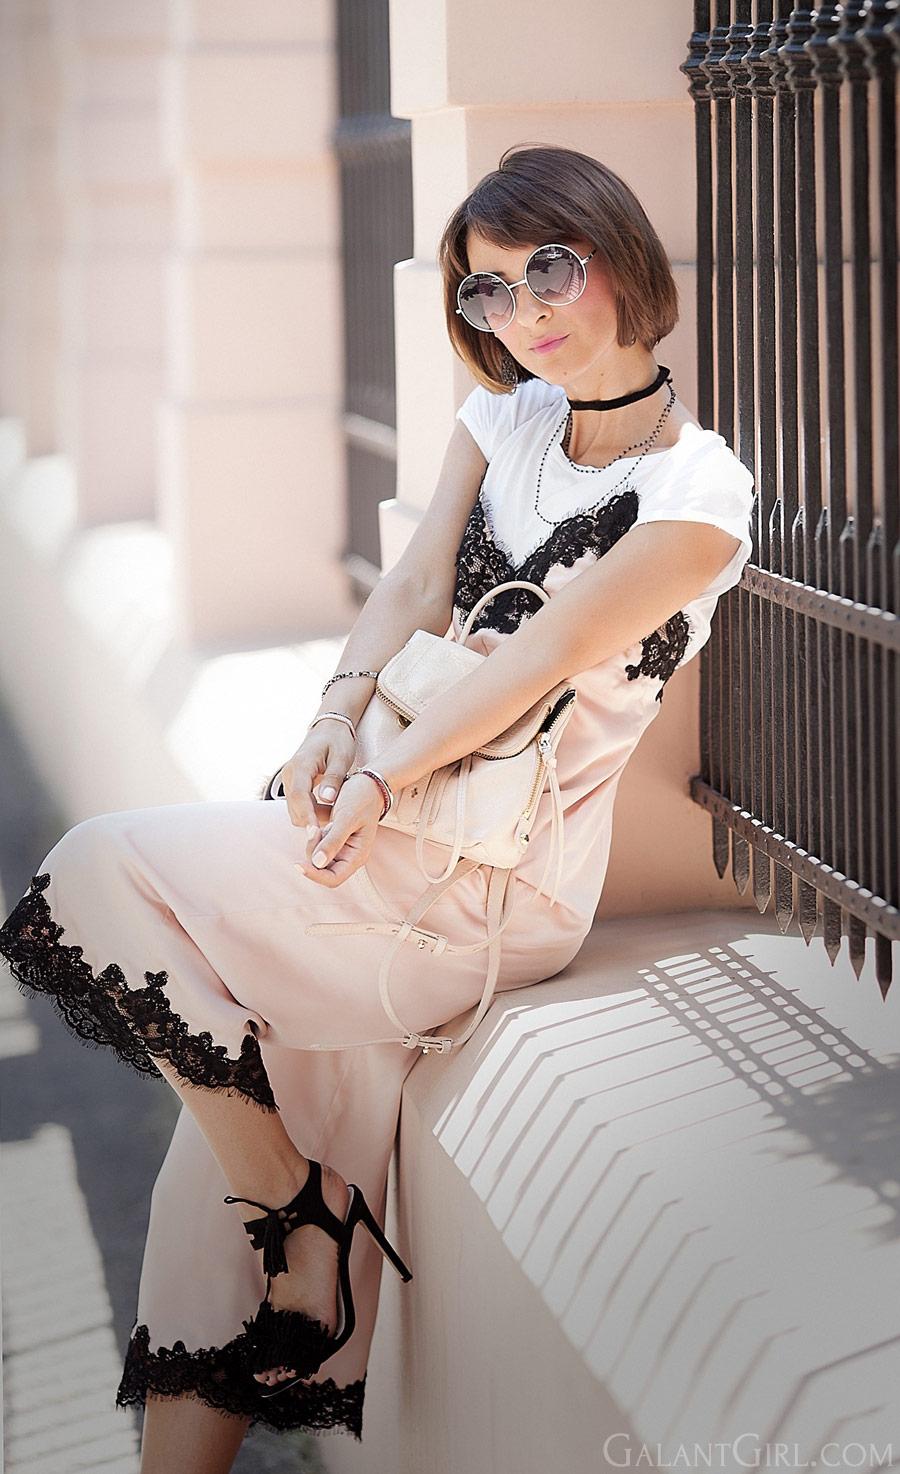 asos jumpsuit, комбинезон Asos, вещи в бельевом стиле, как носить вещи в бельевом стиле, кружевное платье,